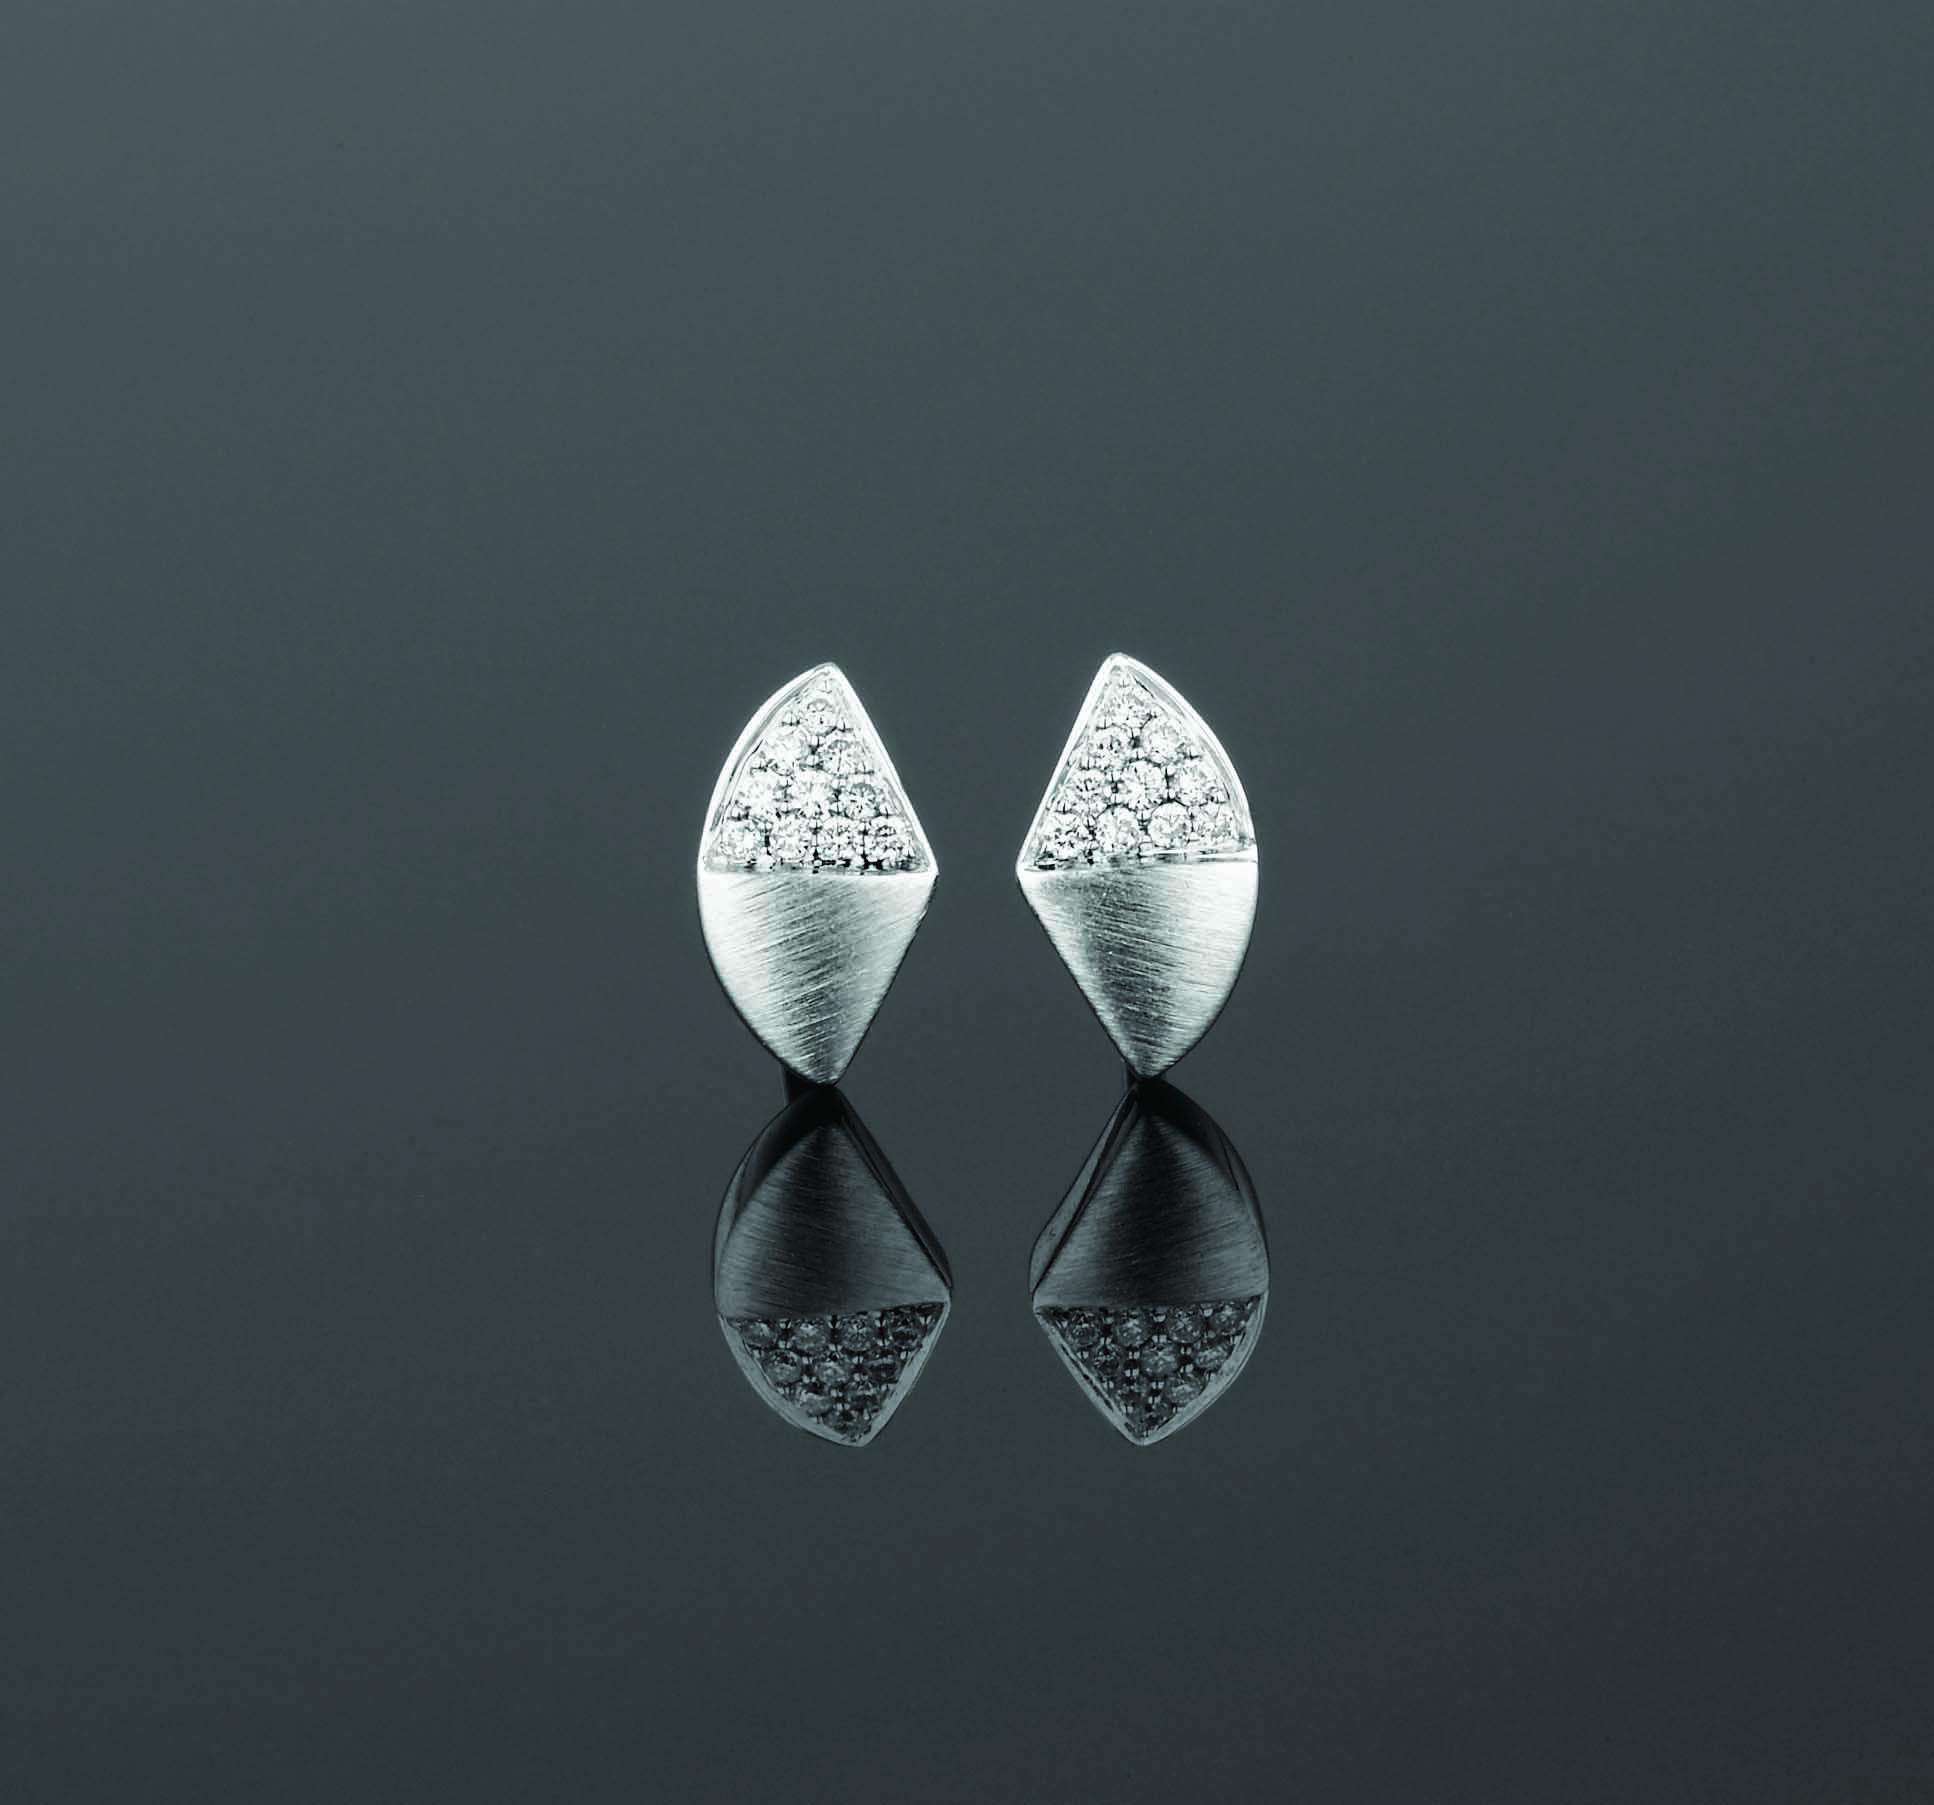 BUNDA Apus Wedge Stud Earrings $1,850